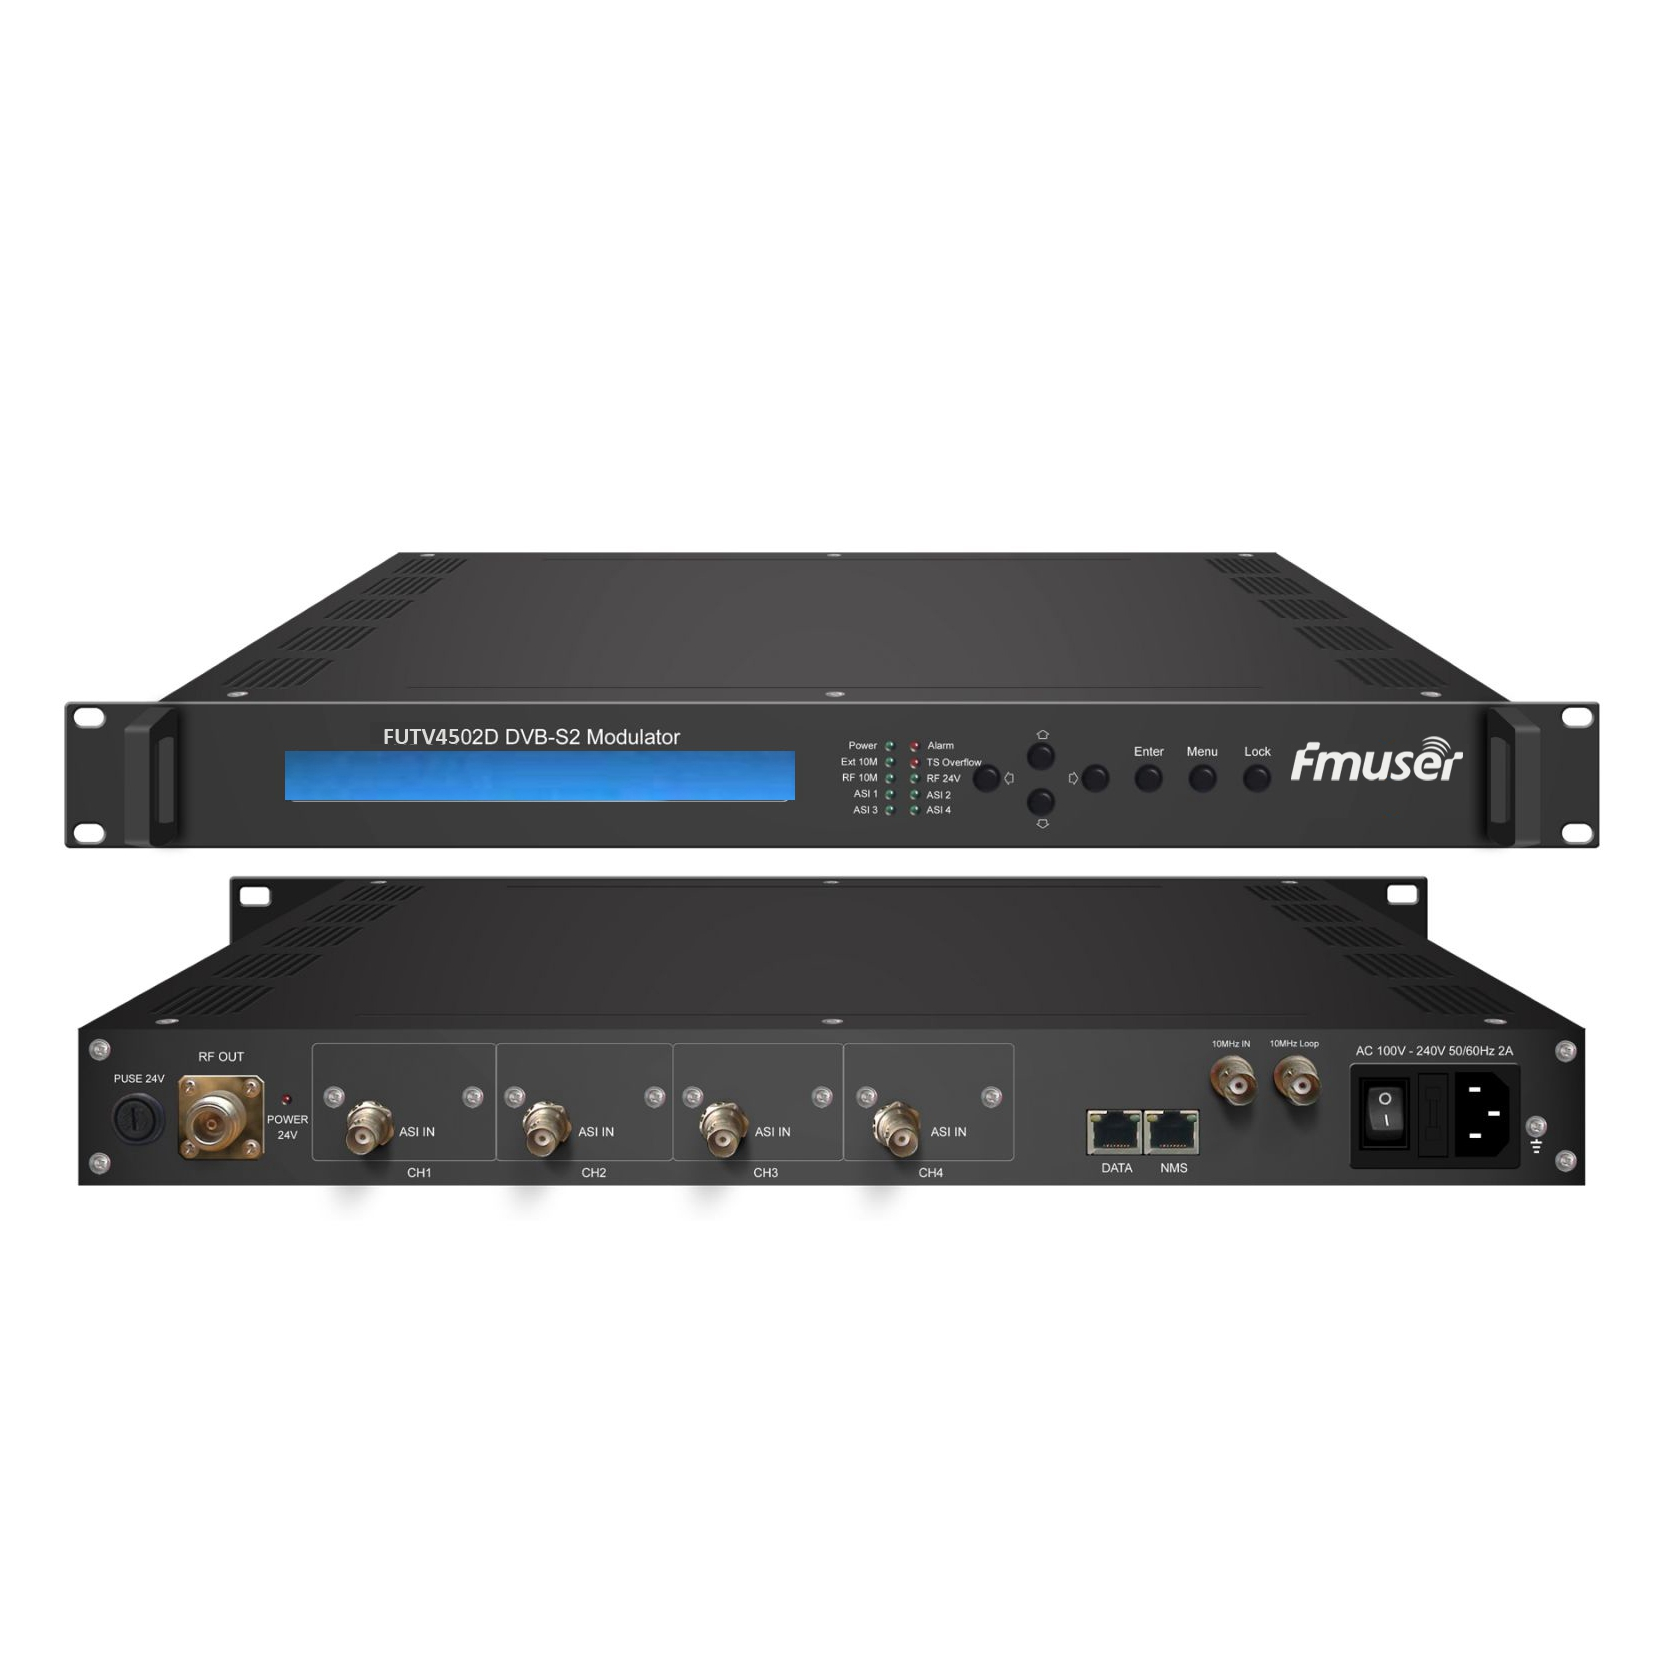 FMUSER FUTV4502D DVB S2 Moduliatorius (4 * ASI į, biss, 24V RF išėjimo,) su tinklo valdymo